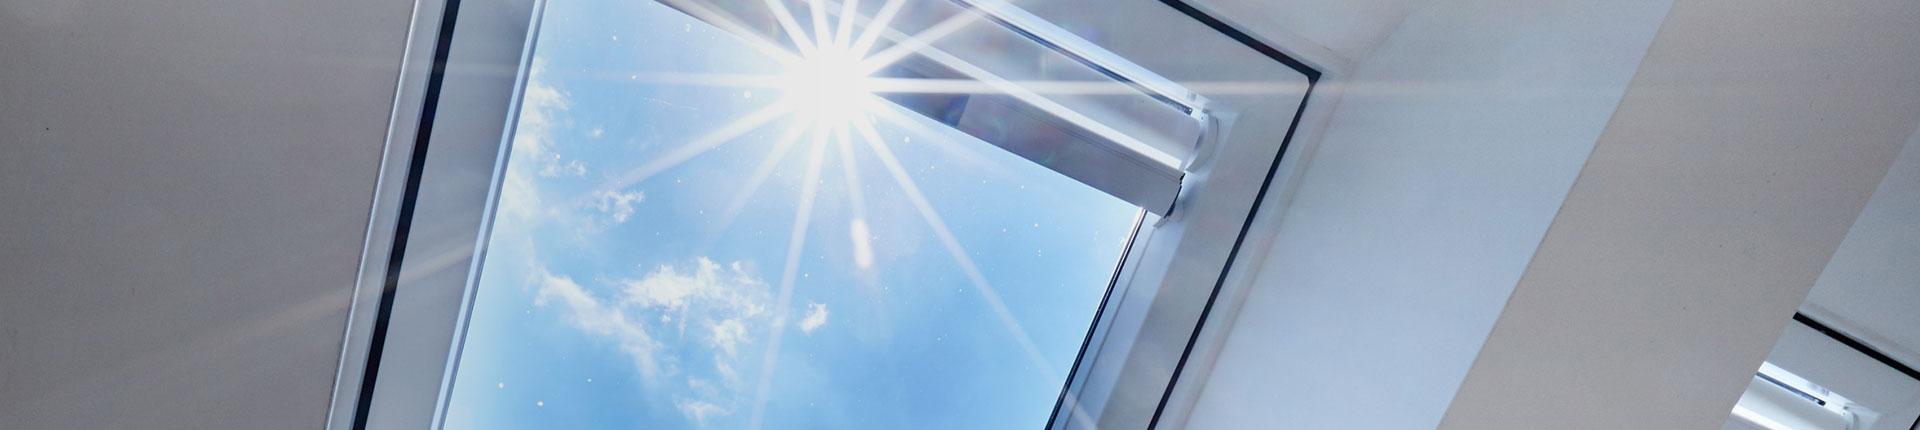 Dachfenster_02_1920x430px